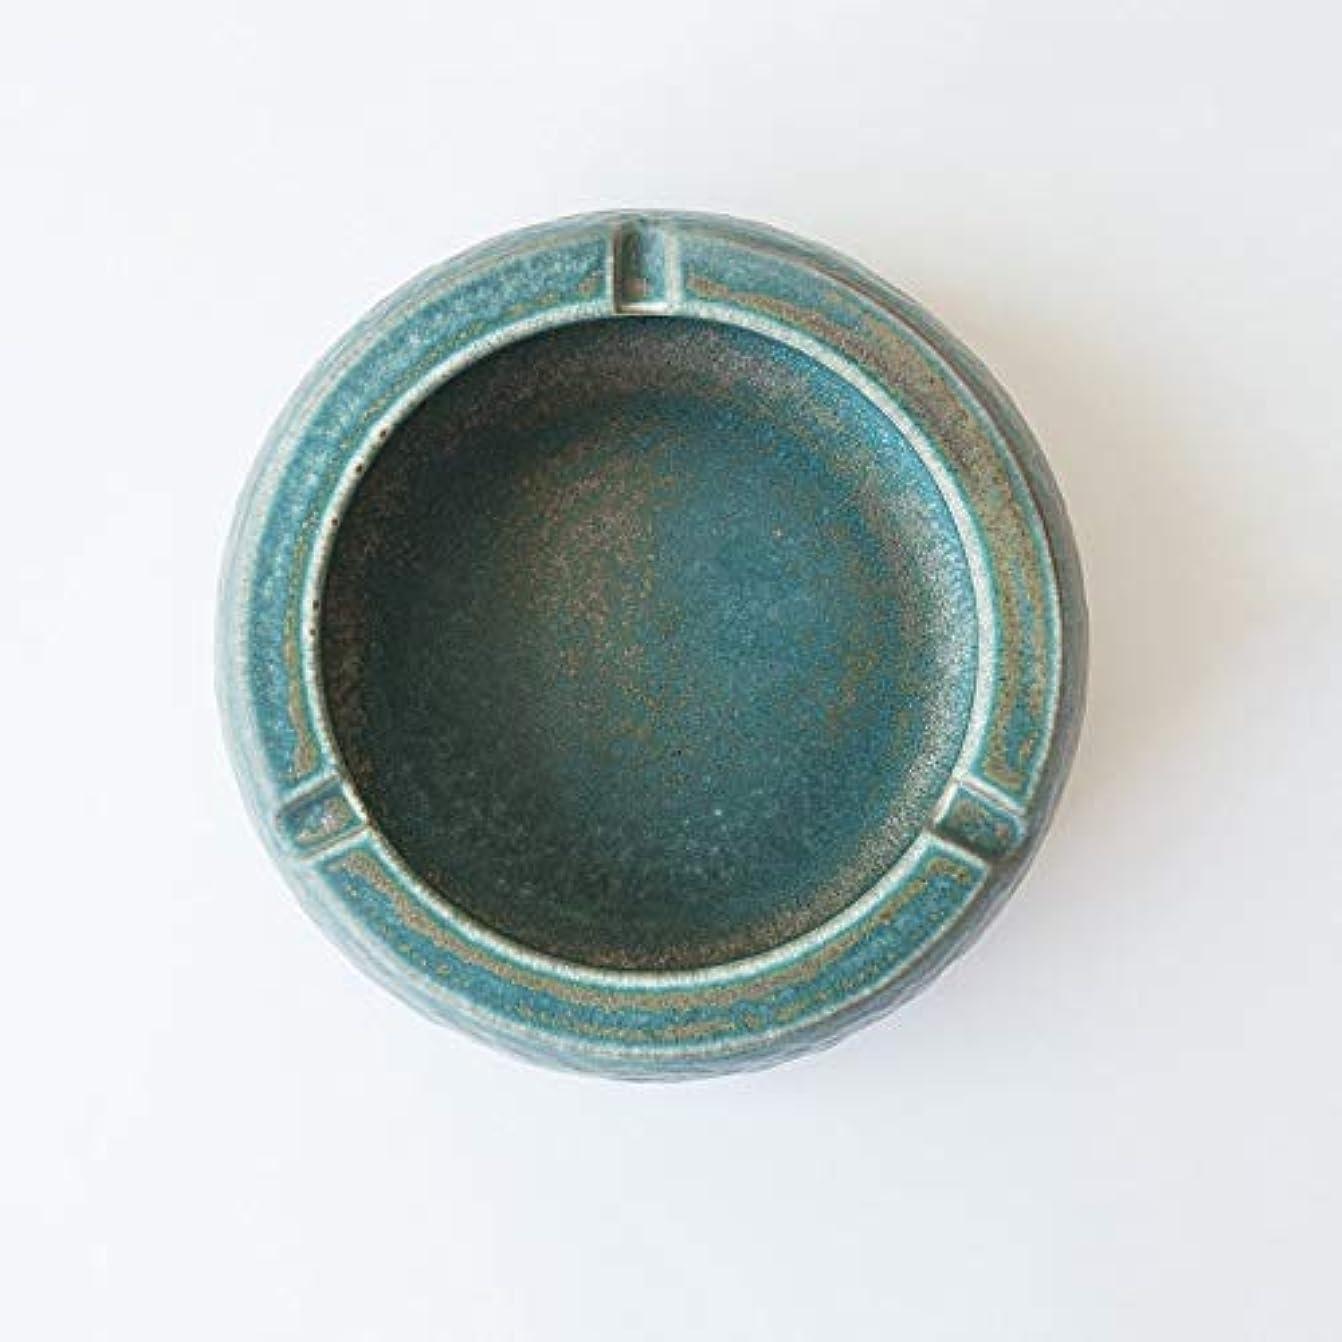 飲み込む入り口社会灰皿Creative Outdoor Ceramics灰皿